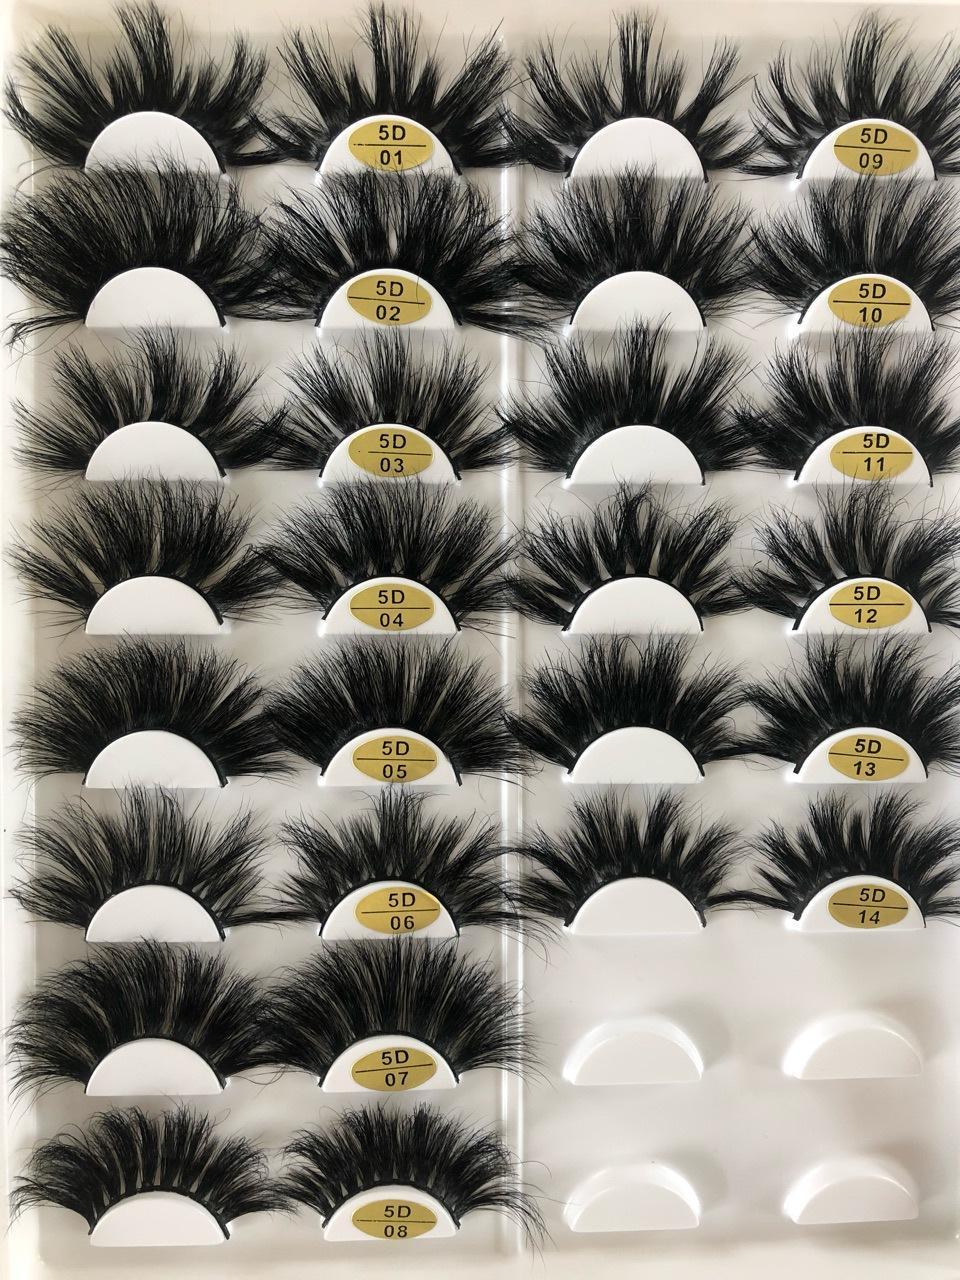 جديد 5D 25MM همية طويلة الرموش زوج واحد المنك الشعر الحقيقي جلدة سميكة رمش مبالغ فيه أدوات ماكياج 16 أنواع للاختيار